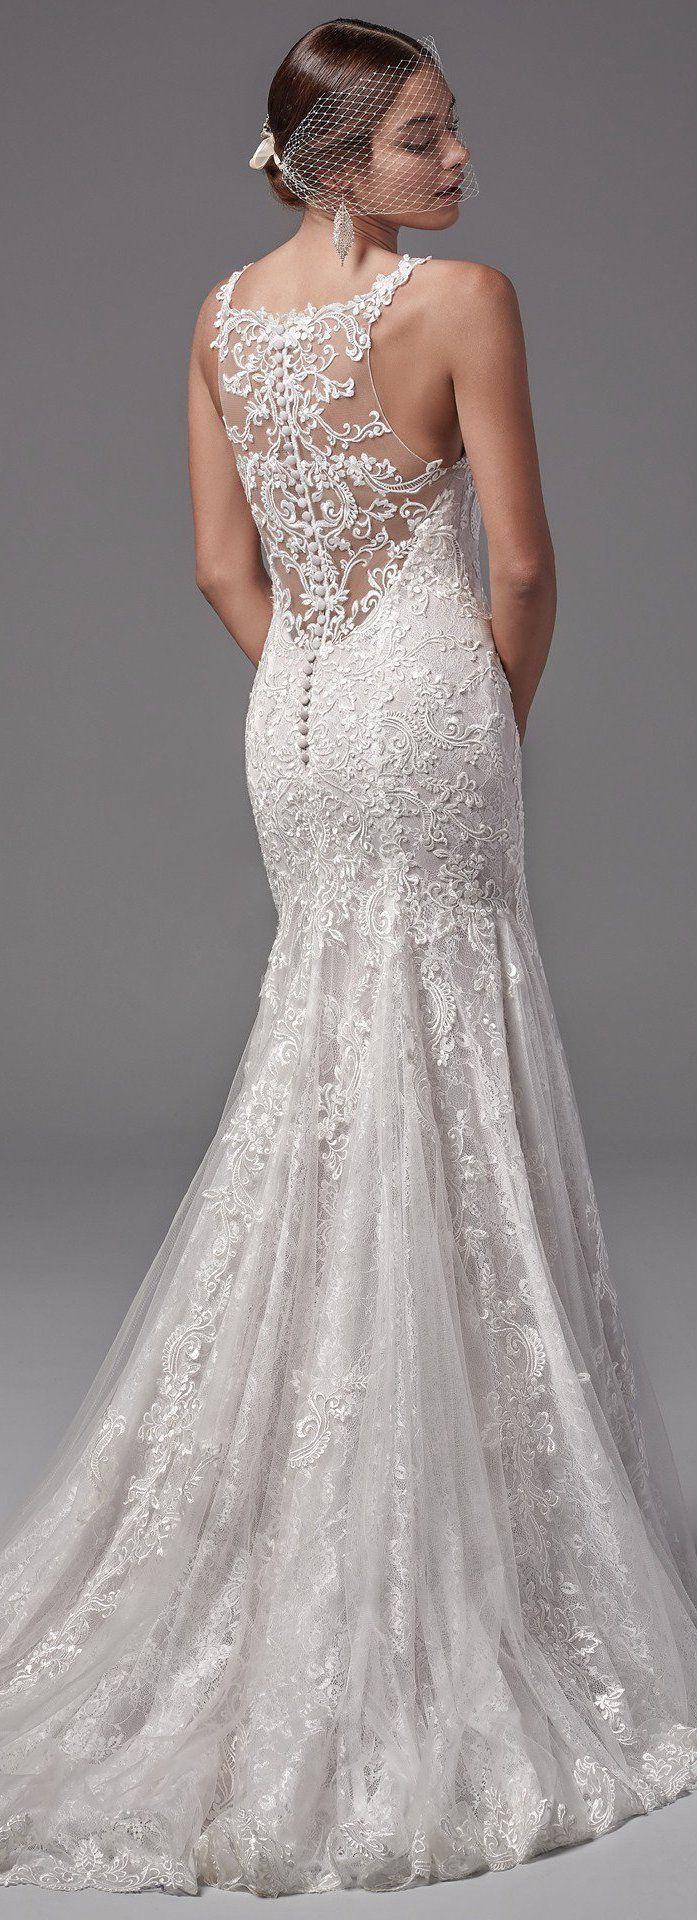 Lace back Sottero and Midgley Wedding Dress | @maggiesottero #sotteroandmidgley #midgleybride